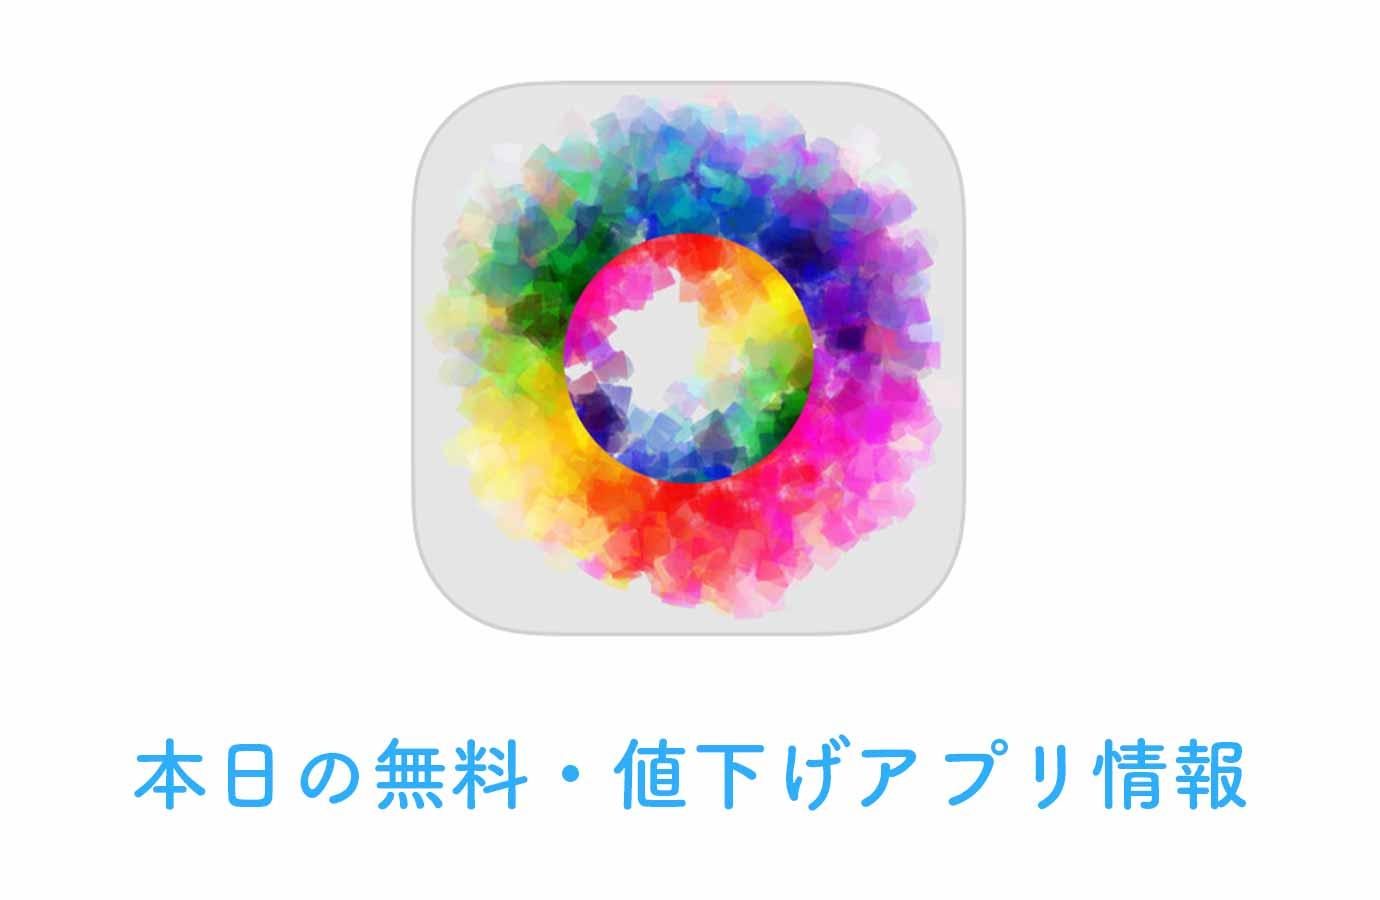 240円→無料、写真を簡単に絵画風に編集できる「PhotoViva」など【5/5】本日の無料・値下げアプリ情報